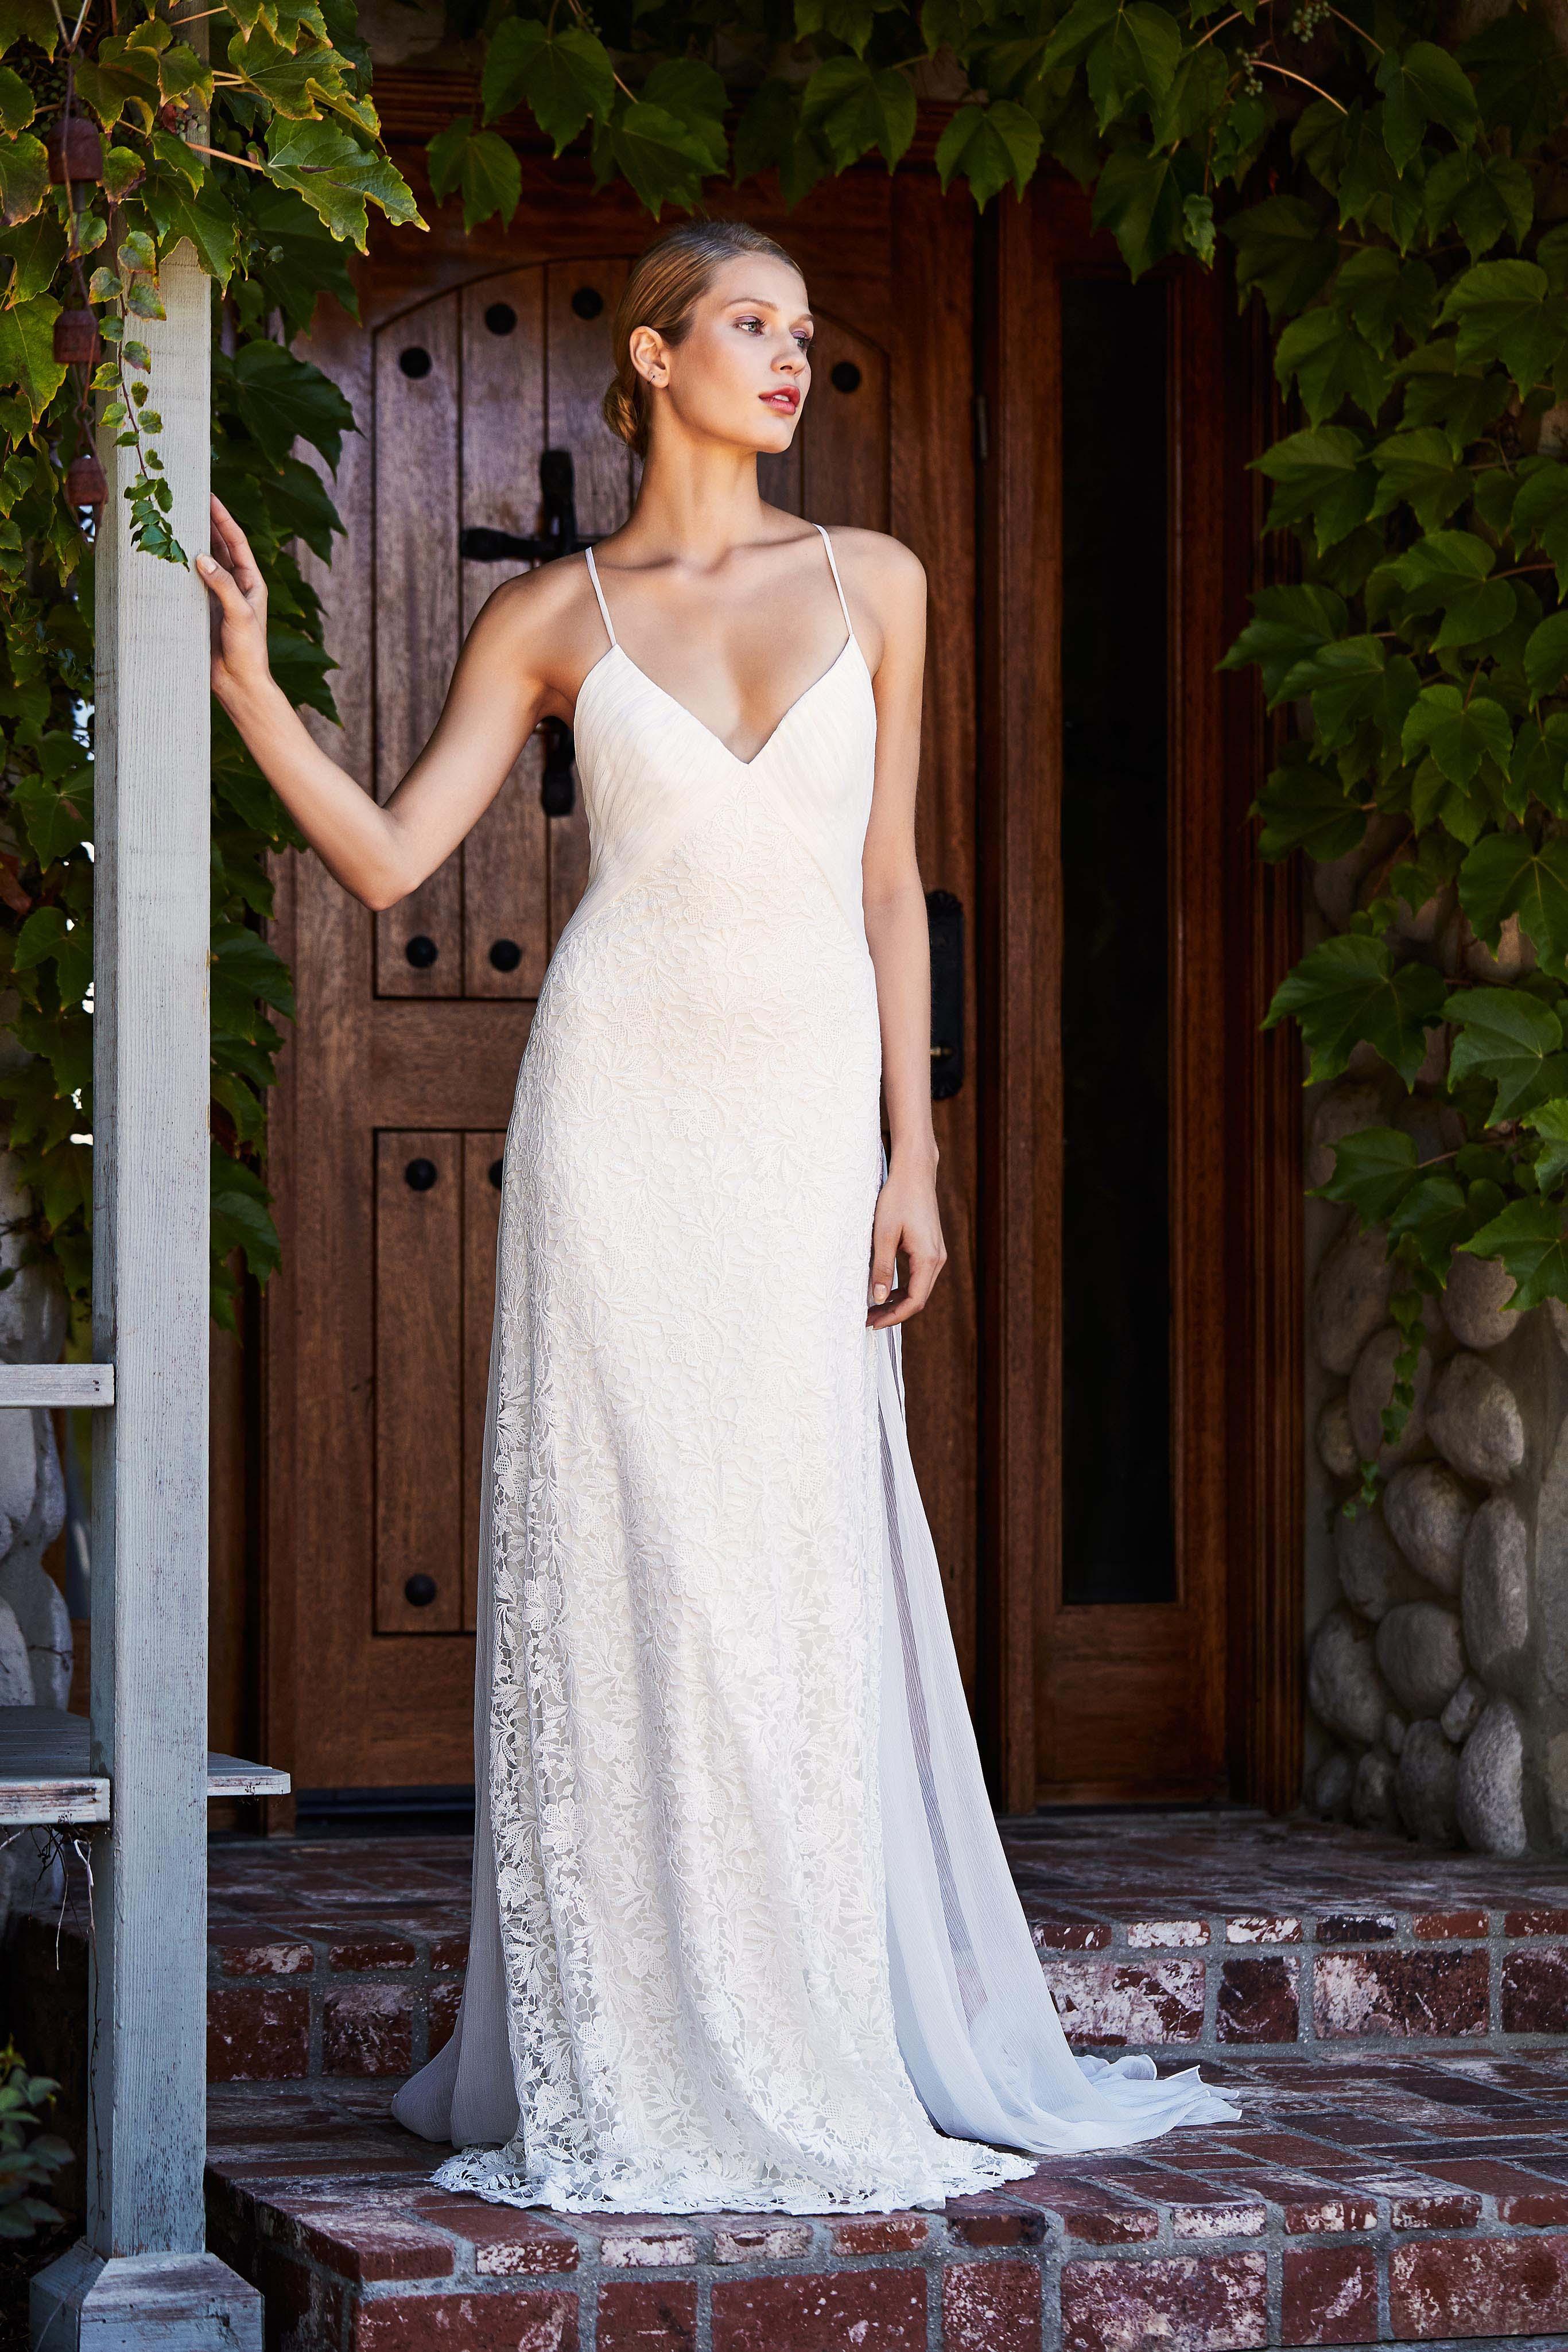 tadashi shoji wedding dress fall 2018 spaghetti strap lace